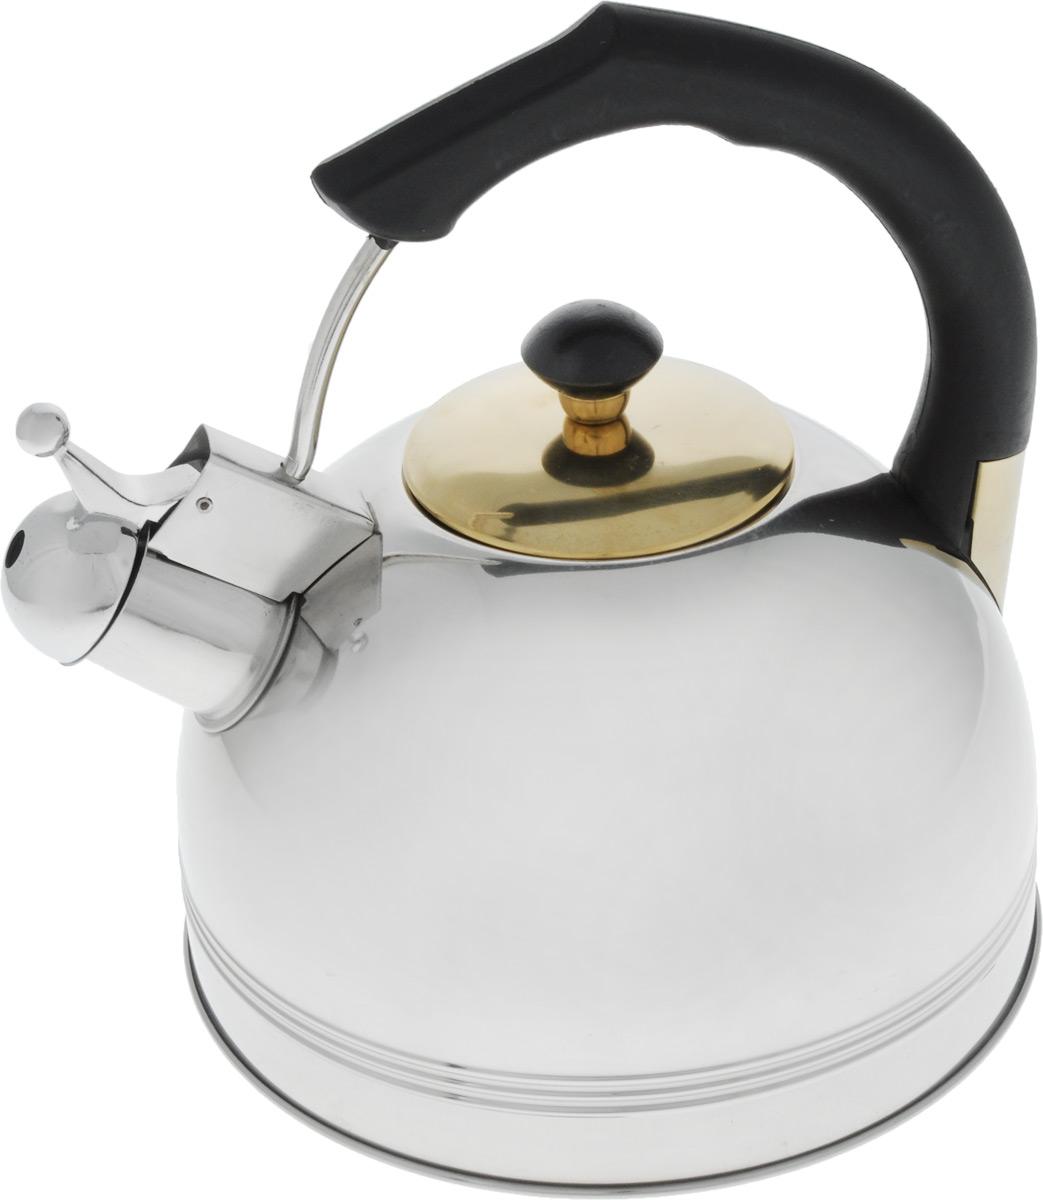 Чайник Bohmann, со свистком, 3 л54 009305Чайник Bohmann выполнен из высококачественной нержавеющей стали, что делает его весьма гигиеничным и устойчивым к износу при длительном использовании. Носик чайника оснащен свистком, что позволит вам контролировать процесс подогрева или кипячения воды. Фиксированная ручка изготовлена из бакелита. Зеркальная полировка придает чайнику изысканный внешний вид. Эстетичный и функциональный чайник будет оригинально смотреться в любом интерьере.Подходит для использования на всех типах плит. Можно мыть в посудомоечной машине. Высота чайника (с учетом ручки и крышки): 23 см.Диаметр чайника (по верхнему краю): 8,5 см.Диаметр основания: 20 см.